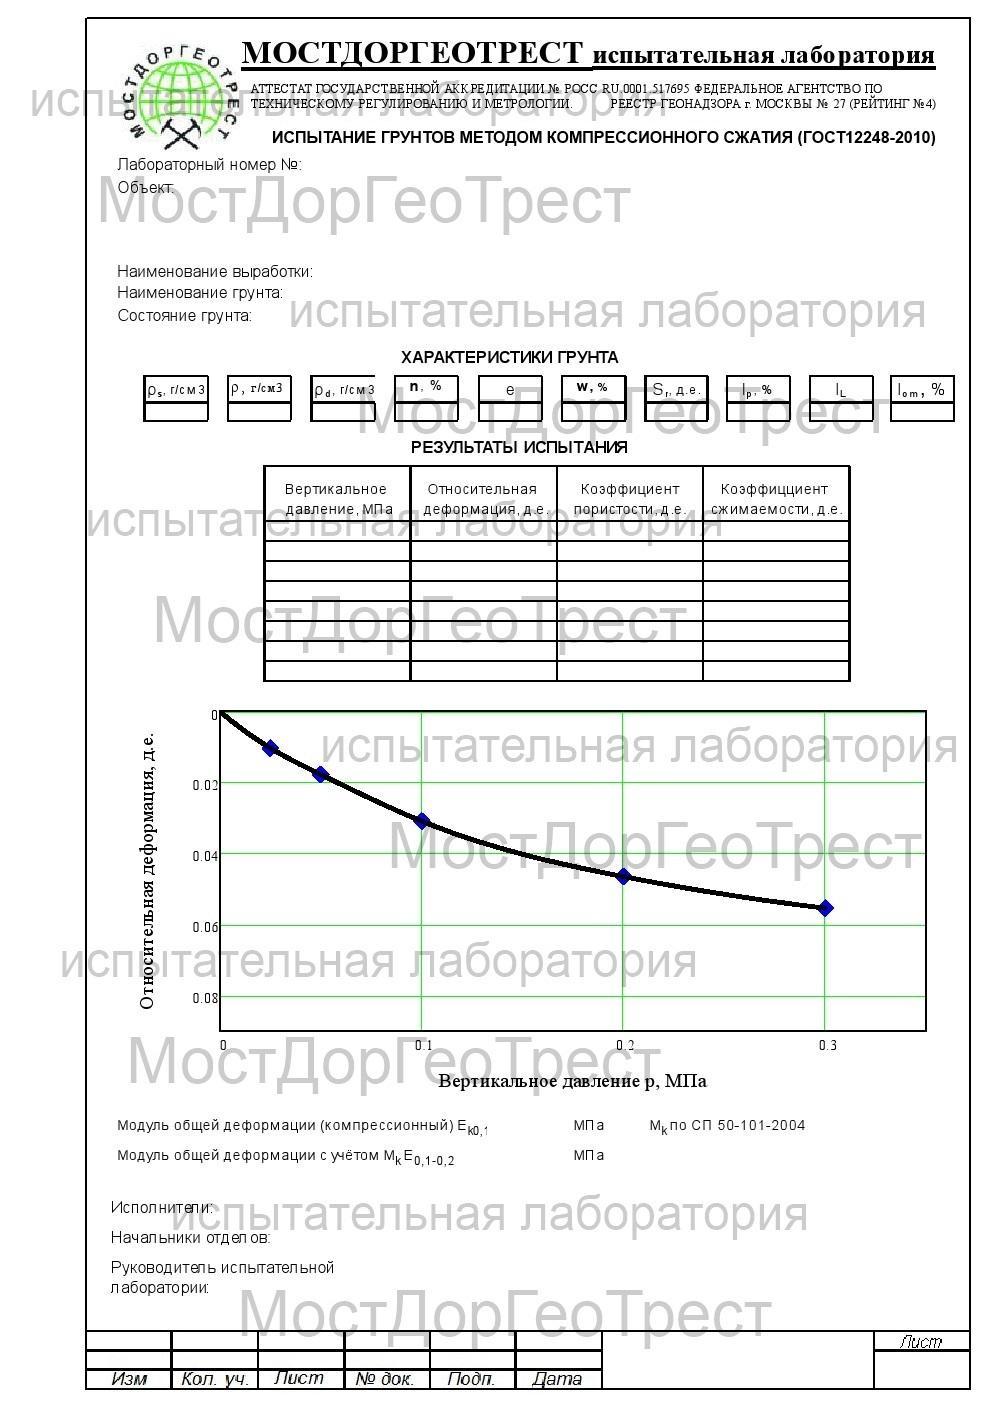 Протокол испытания грунтов компрессионным методом (ГОСТ 12248-2010)